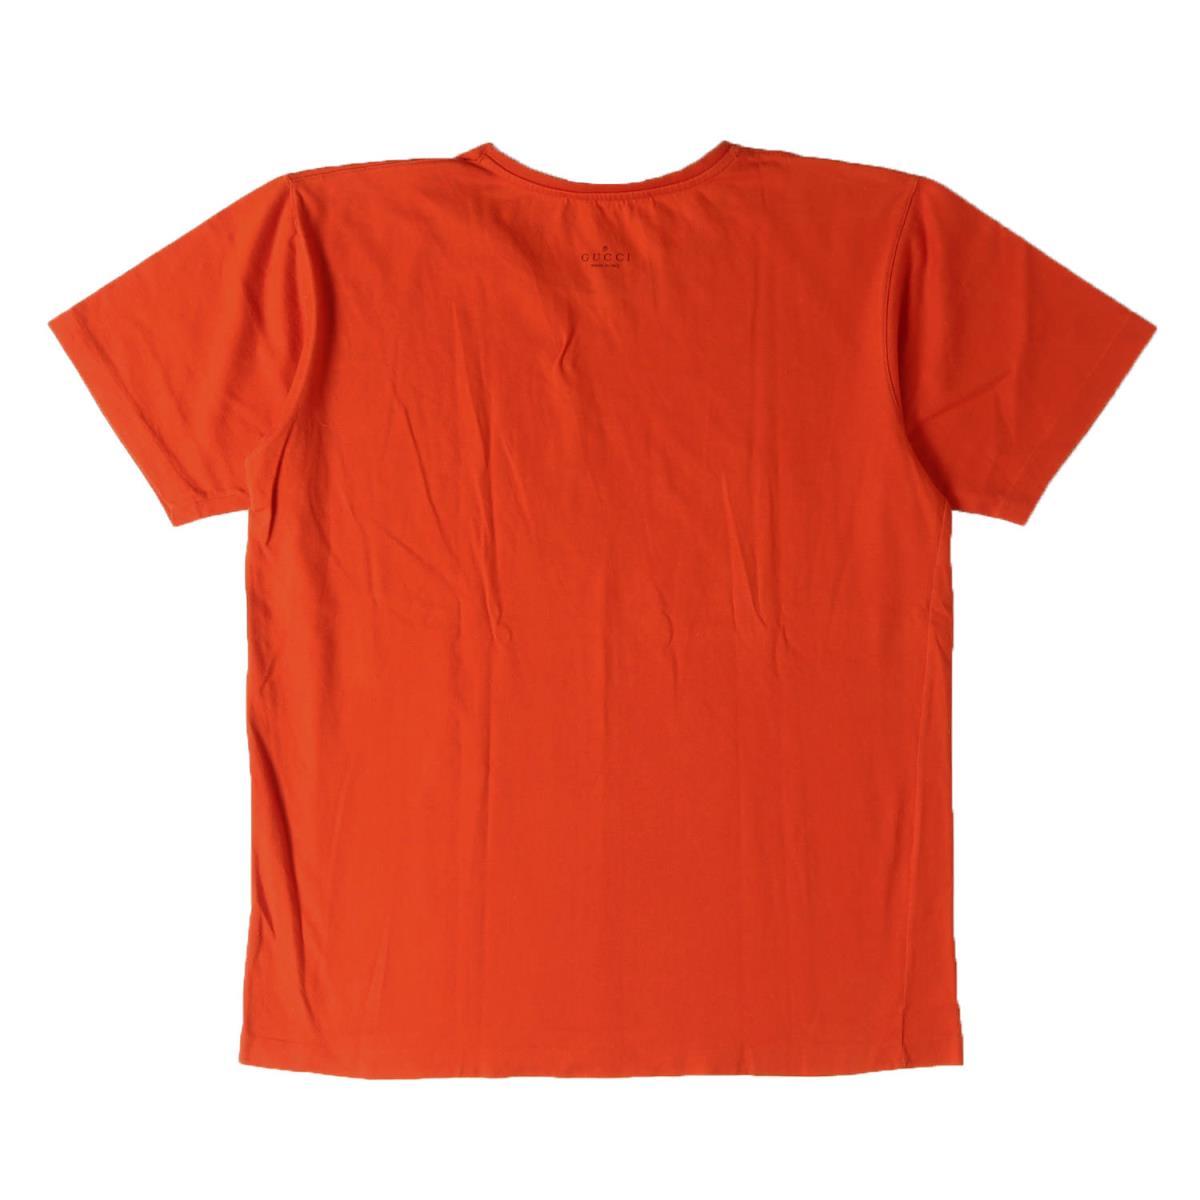 bac102123 BEEGLE by Boo-Bee: GUCCI (Gucci) plane crew neck T-shirt orange L ...